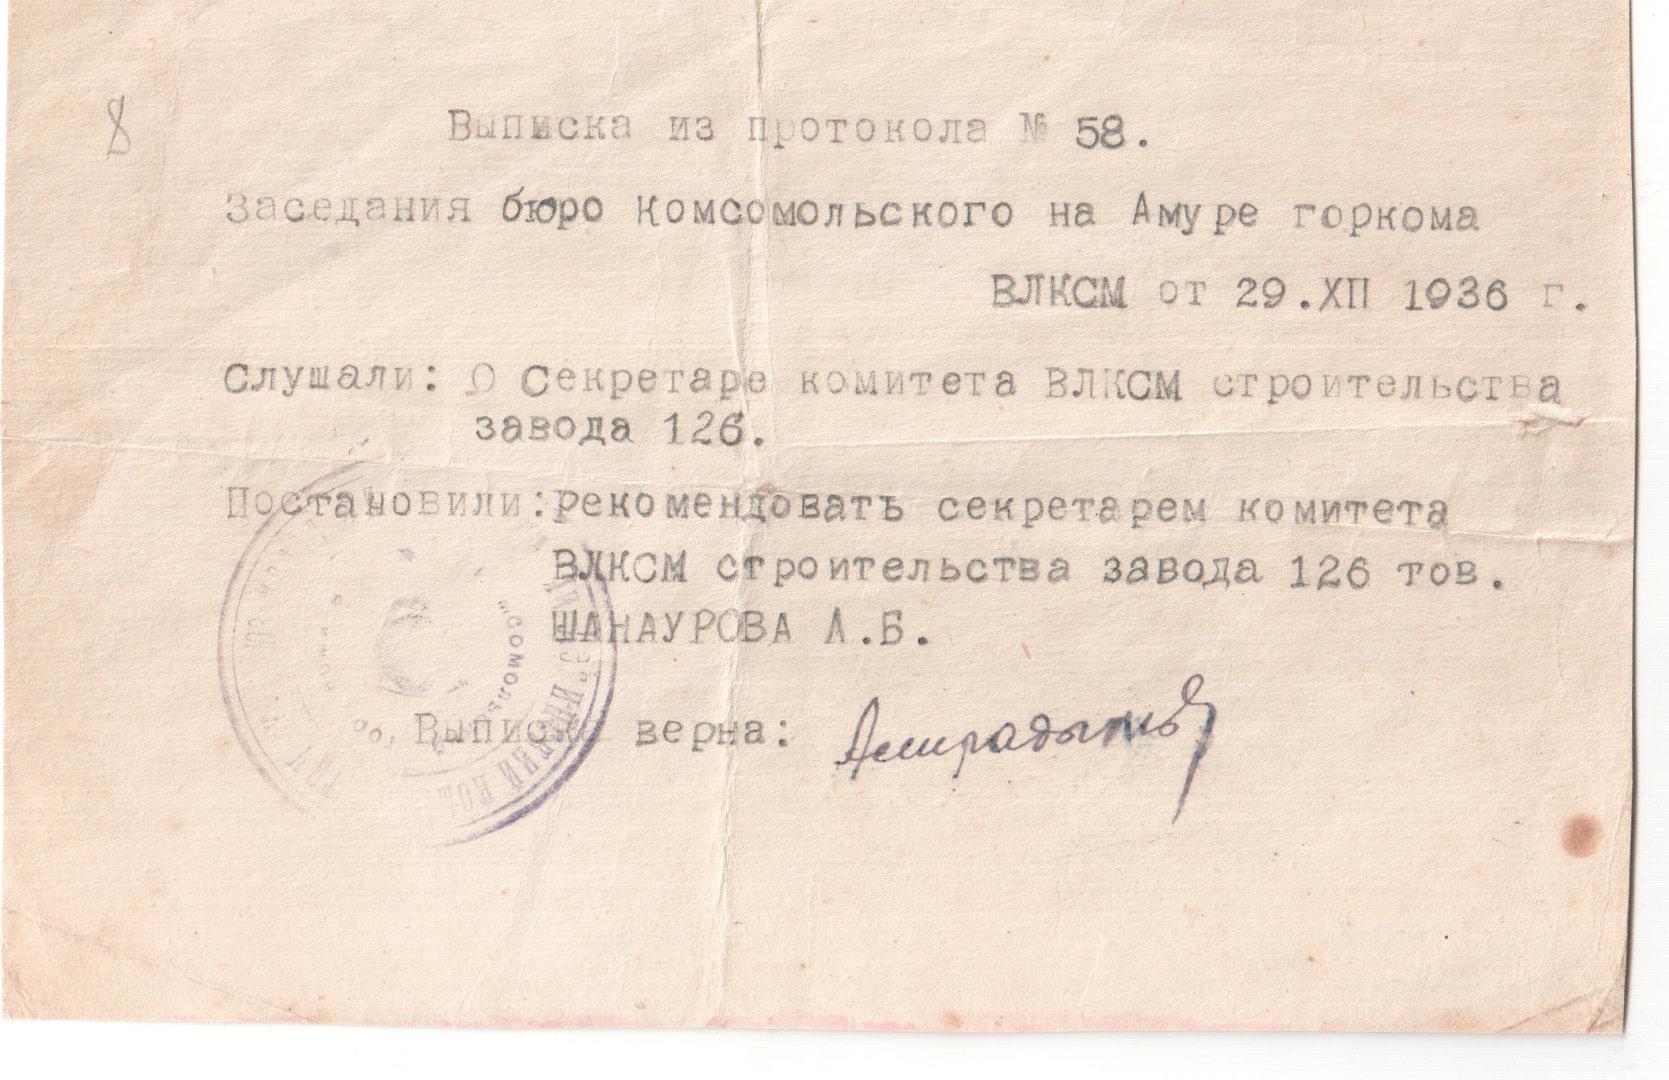 Выписка из протокола №58 о рекомендации секретарем комитета ВЛКСМ